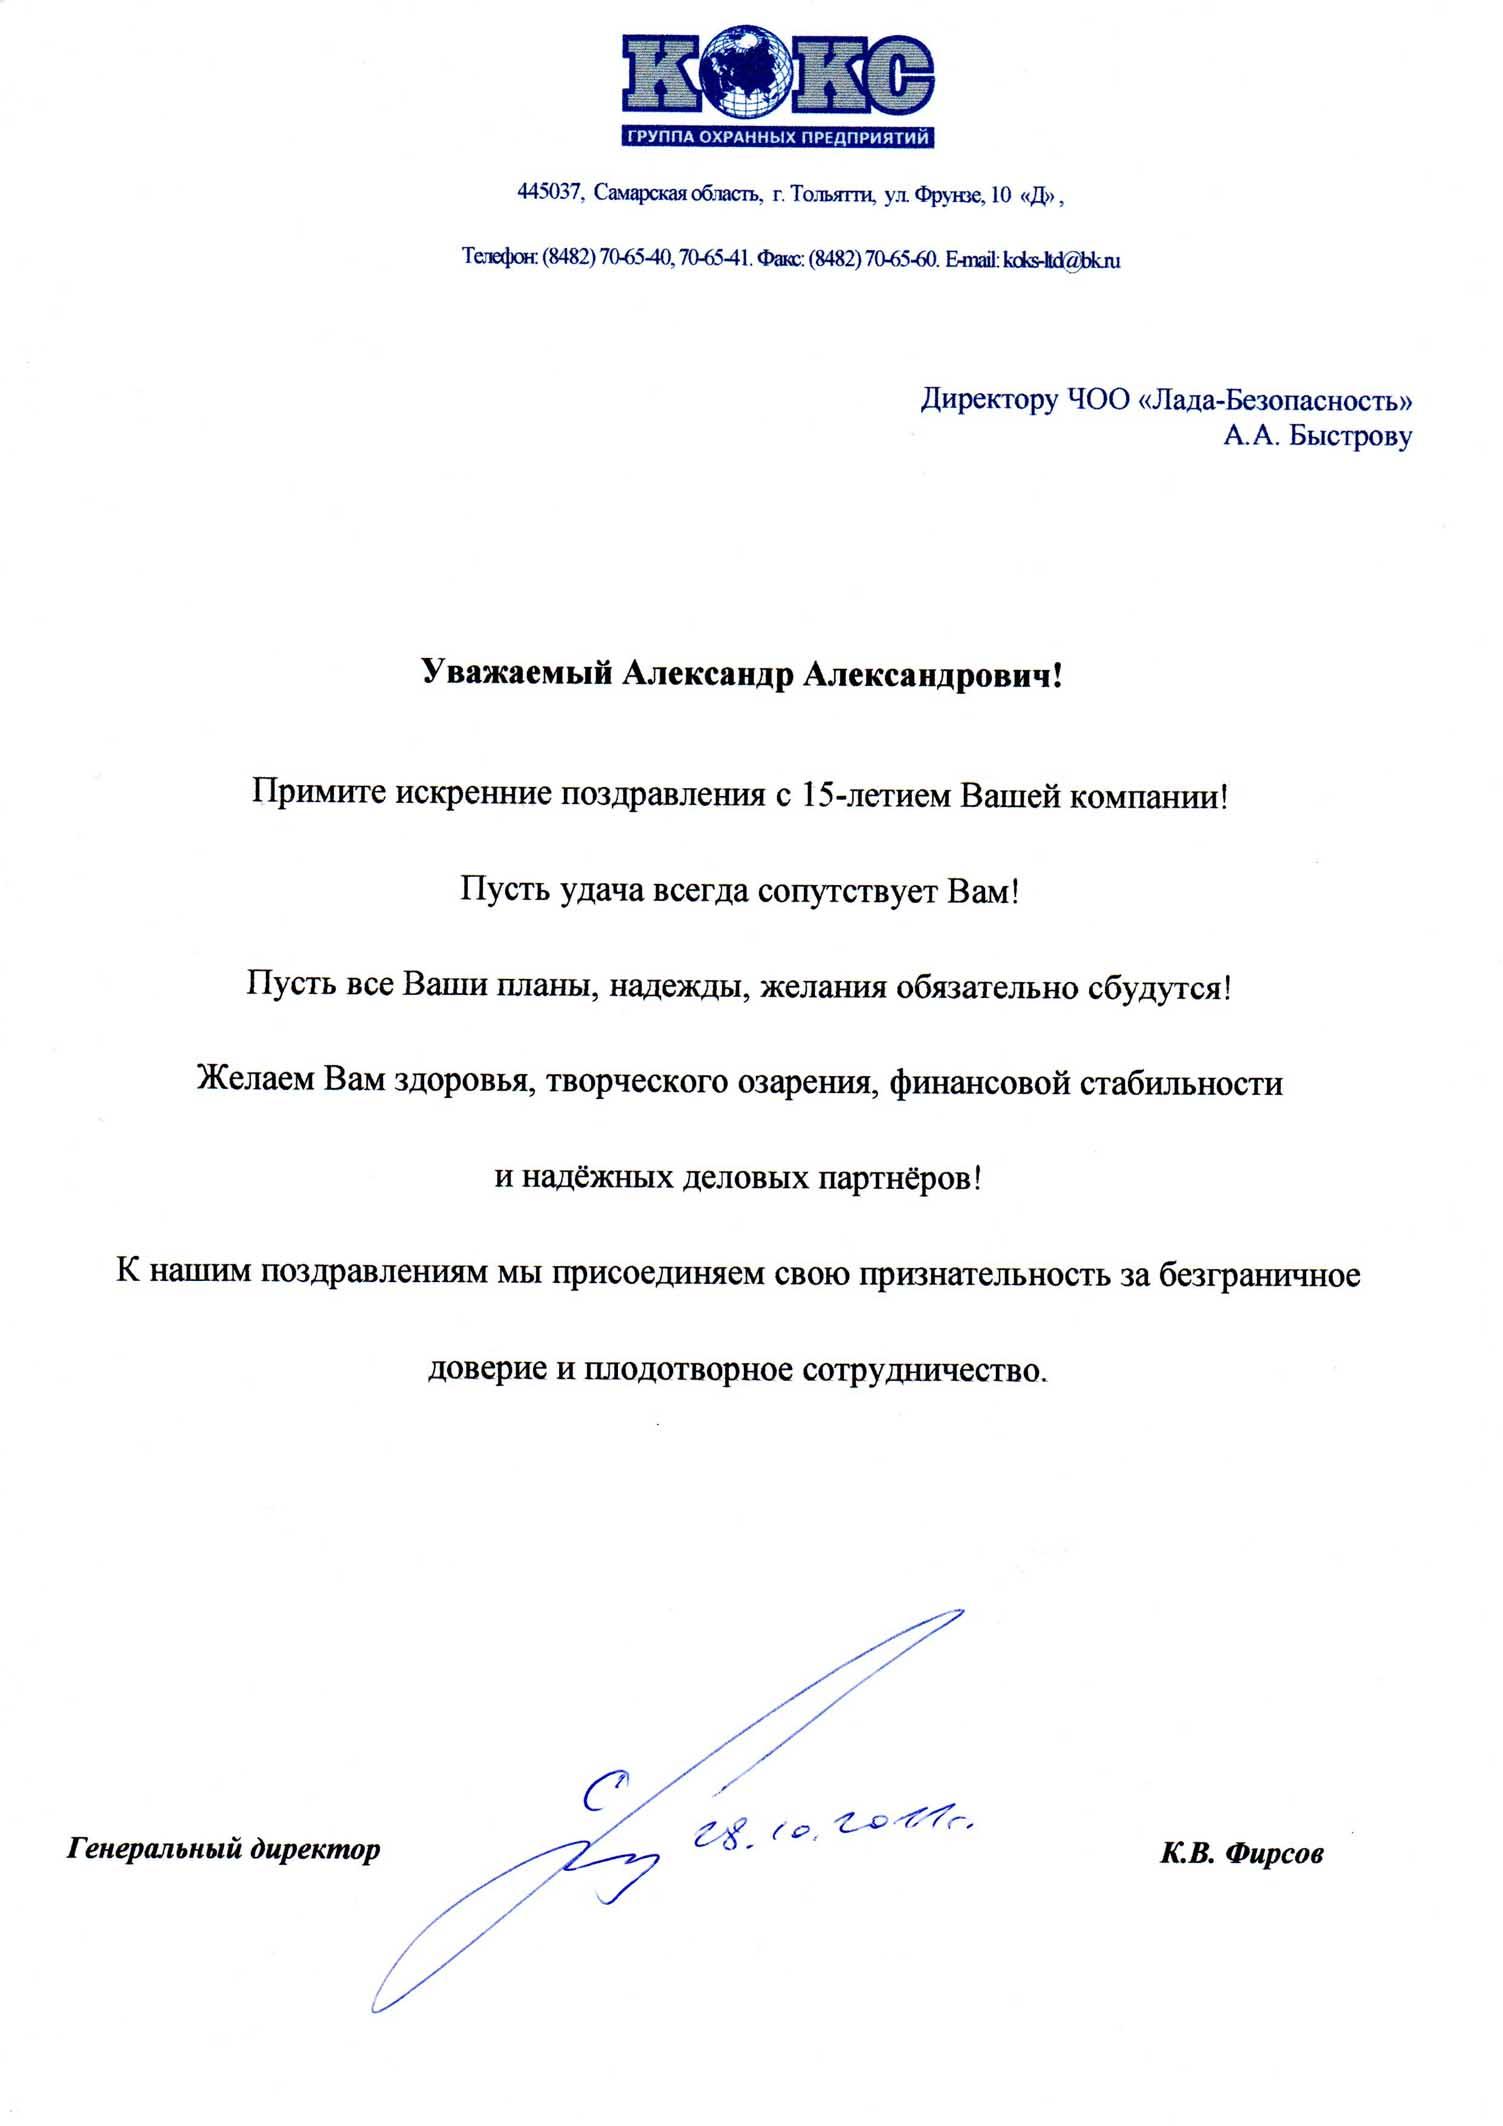 Записаться к врачу в црб оренбургский район